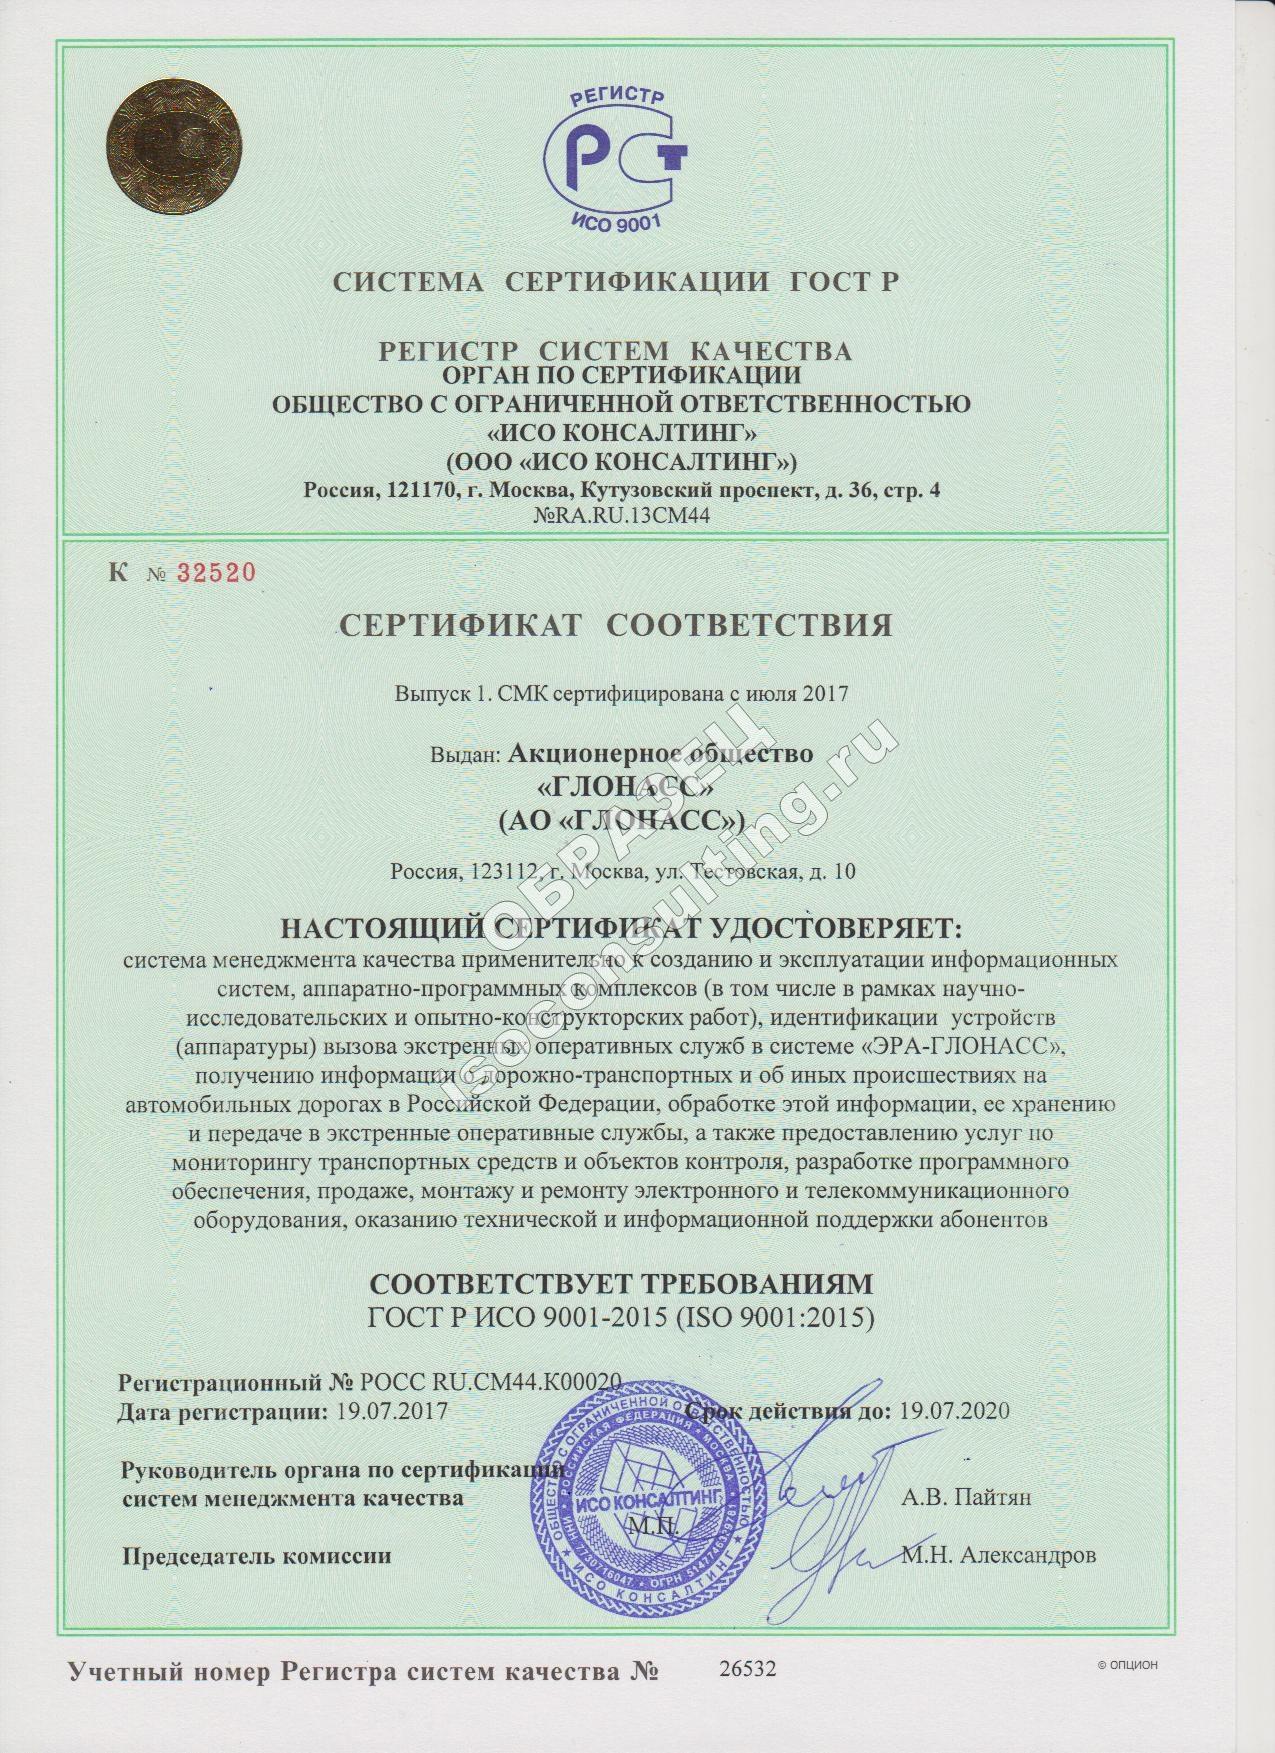 Сертификат гост р исо 9001 2008 ммг российская сертификация